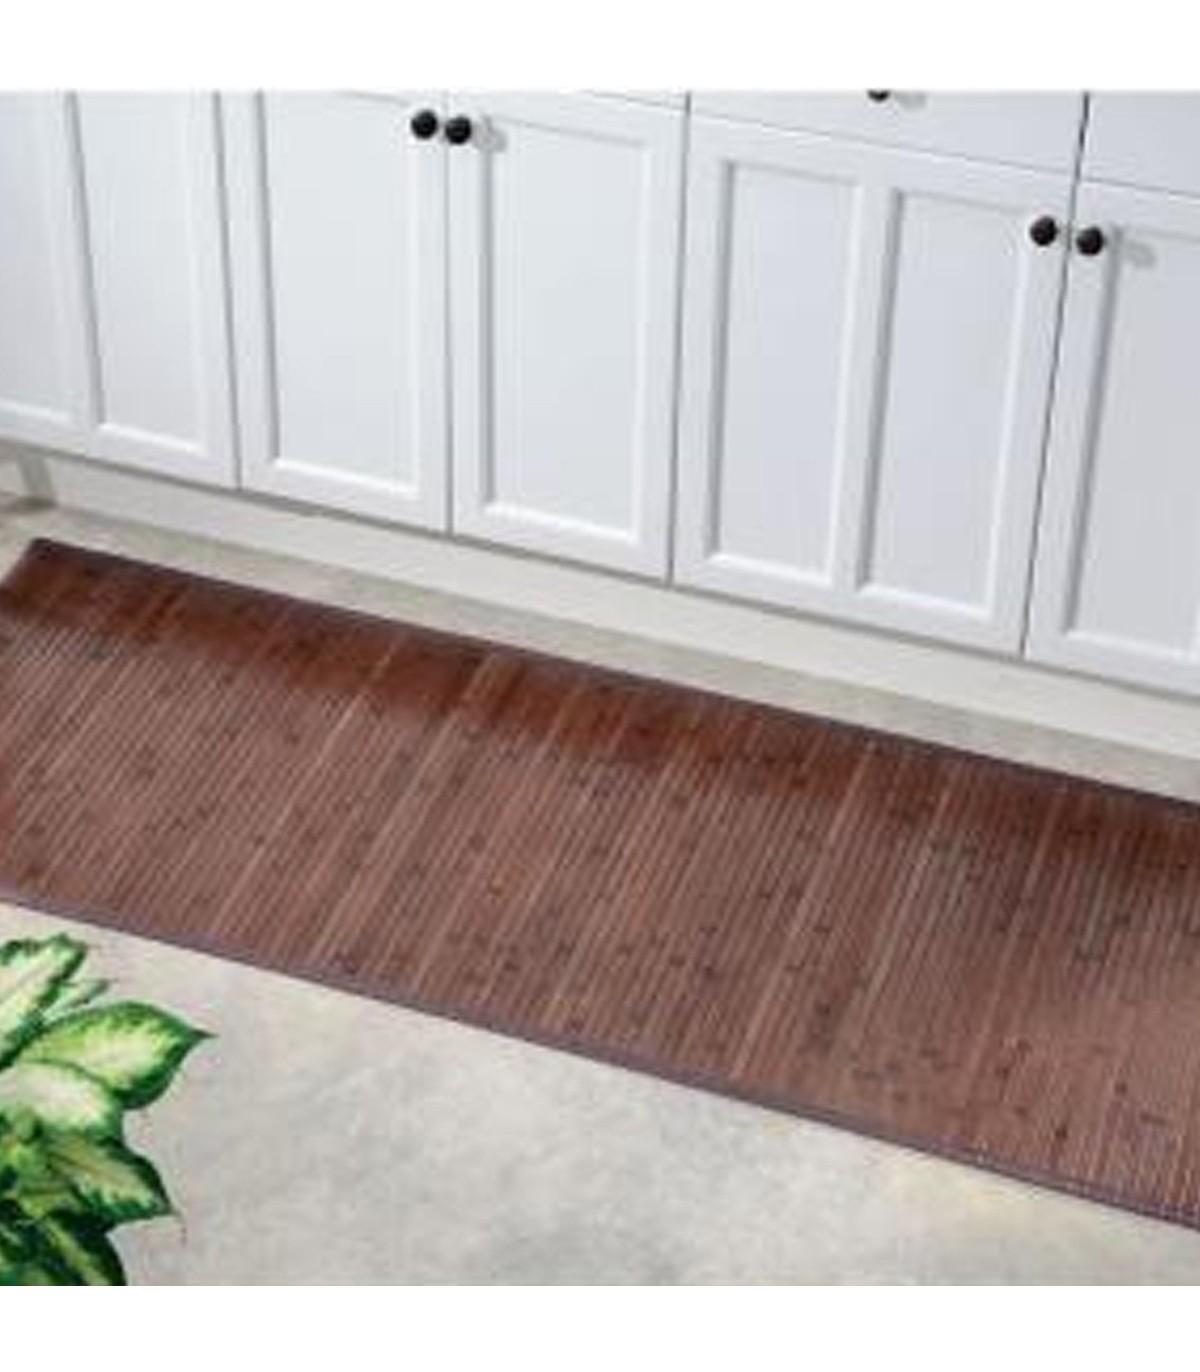 rutschsichere bambus badezimmer teppich 62 x 50 cm